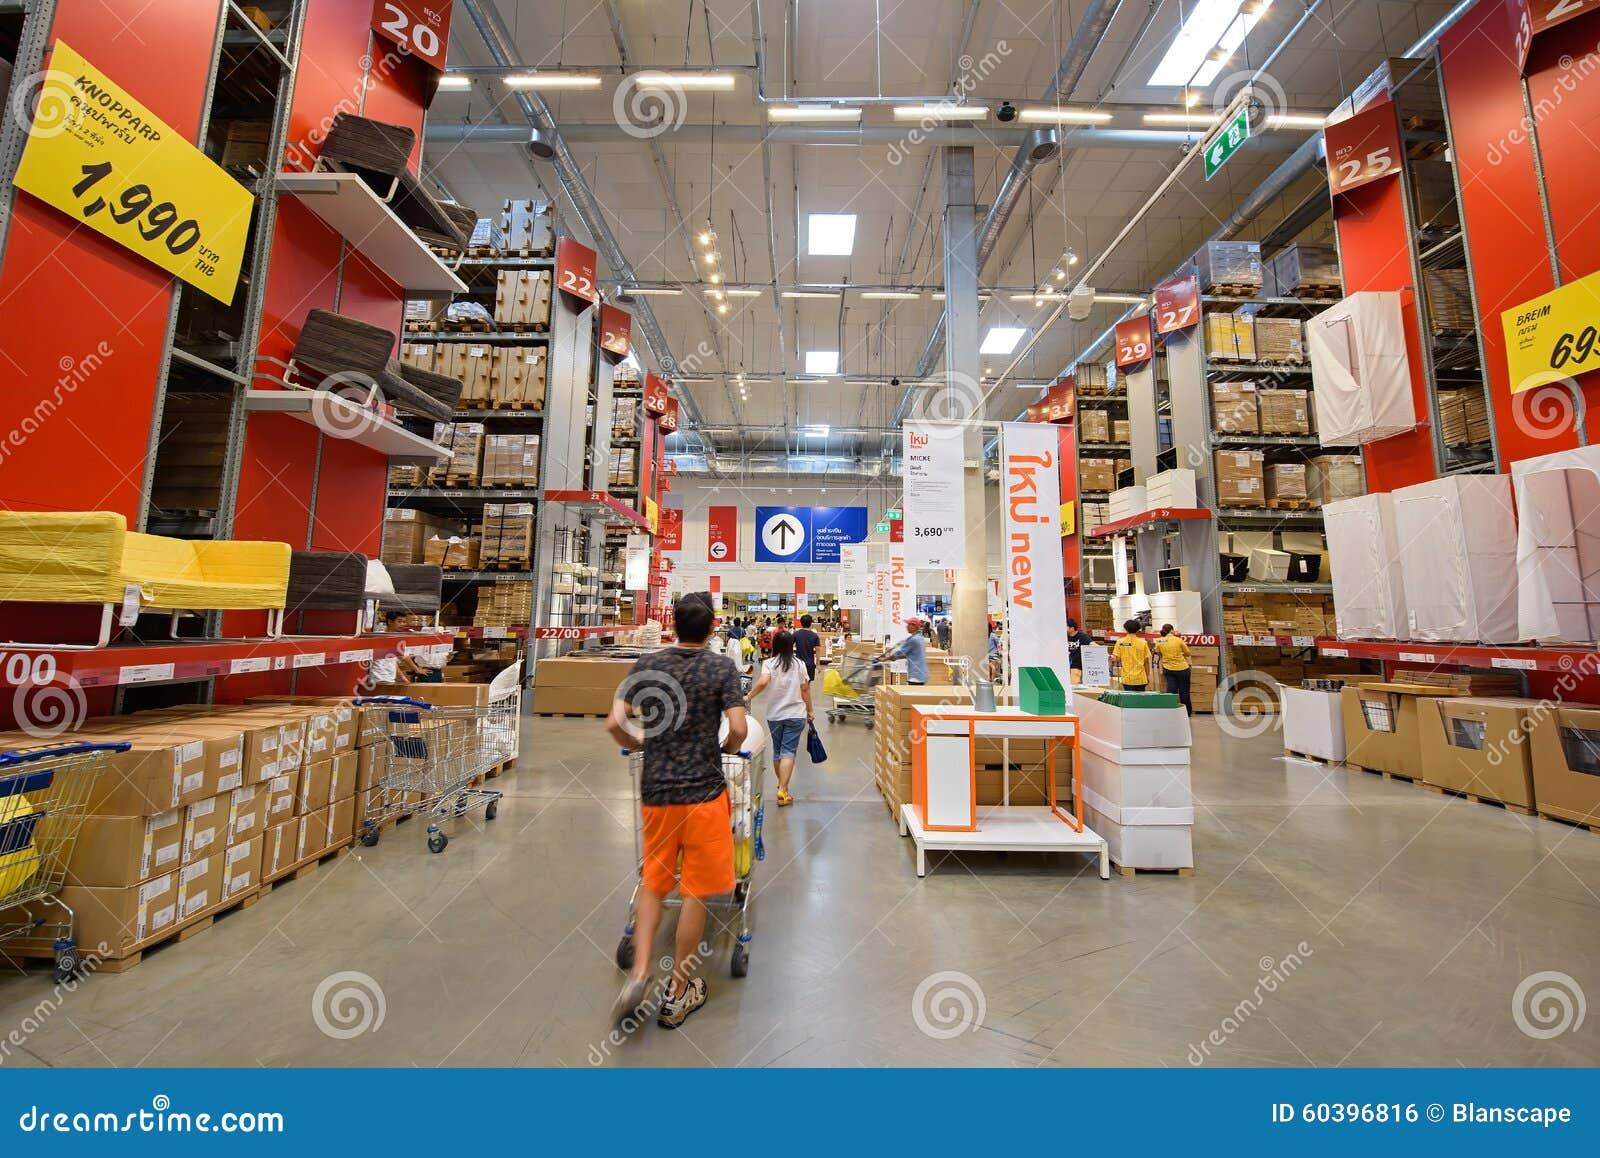 Gente que hace compras en la tienda de muebles de ikea for Muebles de tailandia